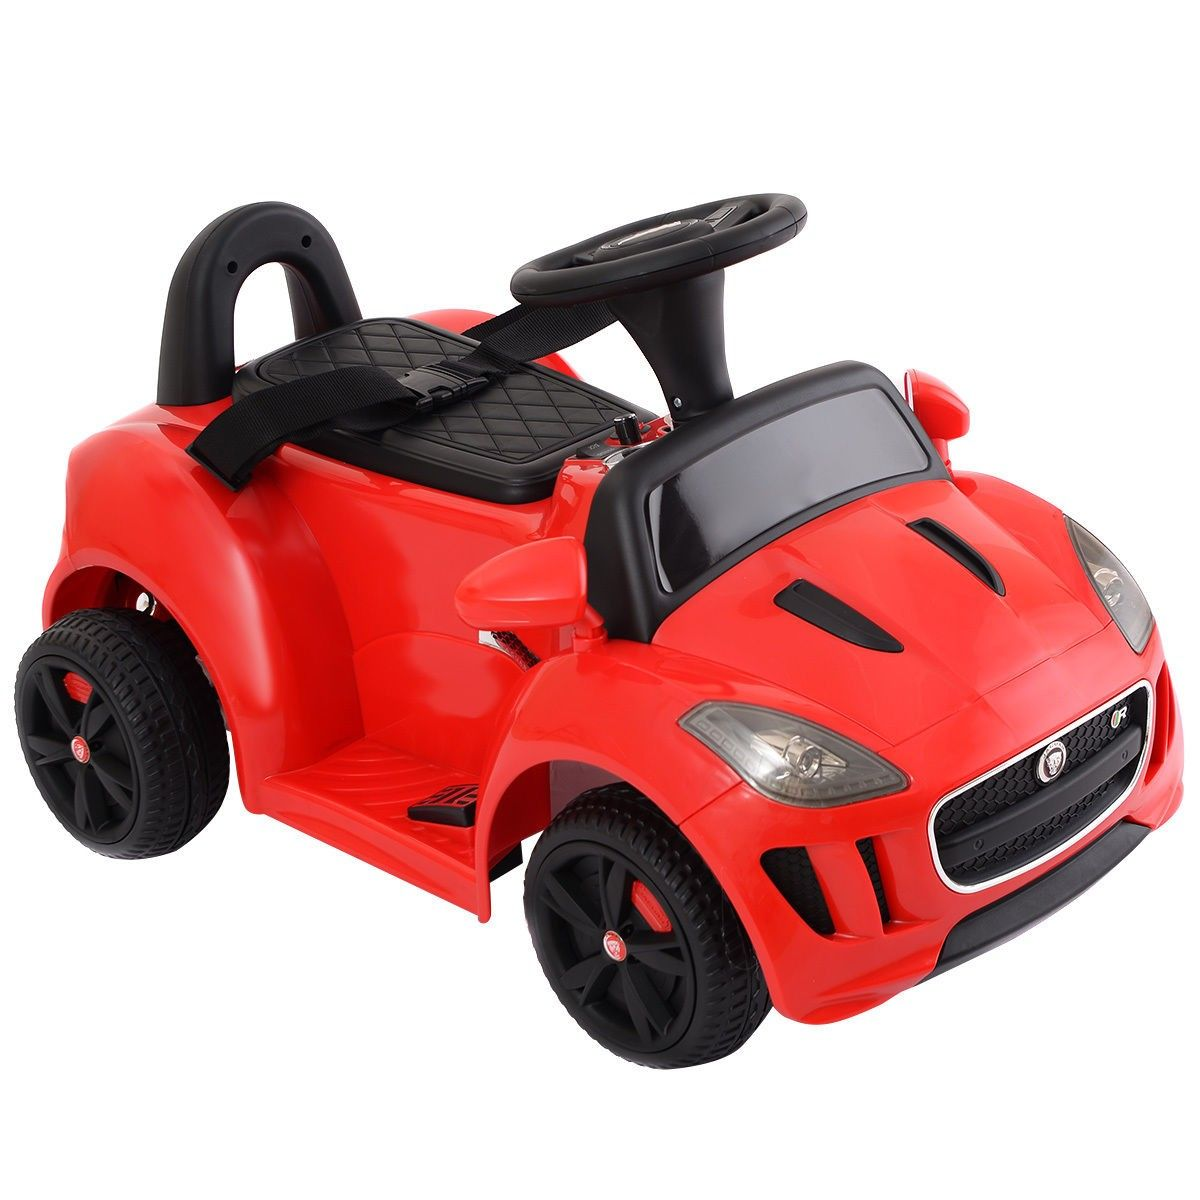 Jaguar F Type 6v Electric Kids Ride On Car Licensed Mp3 Battery Power 3 Color Kids Ride On Toys Kids Ride On Ride On Toys